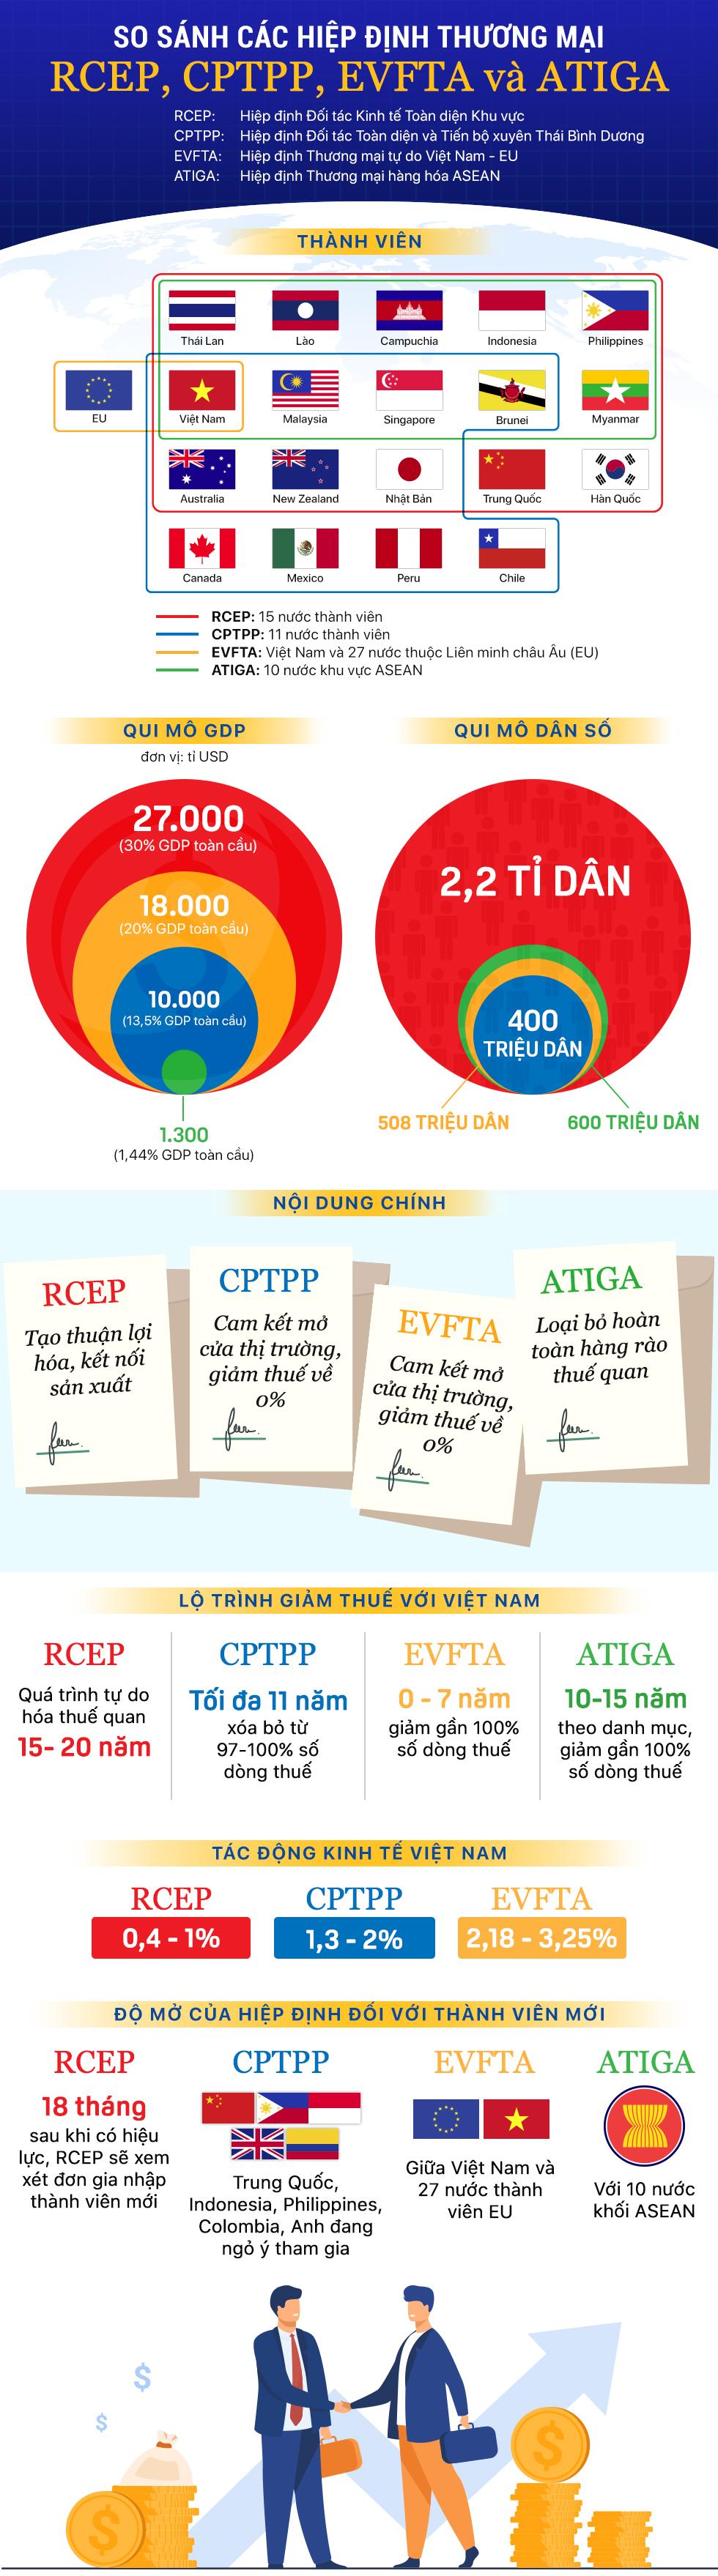 Infographic: Sự khác nhau giữa RCEP với CPTPP, EVFTA và ATIGA - Ảnh 1.